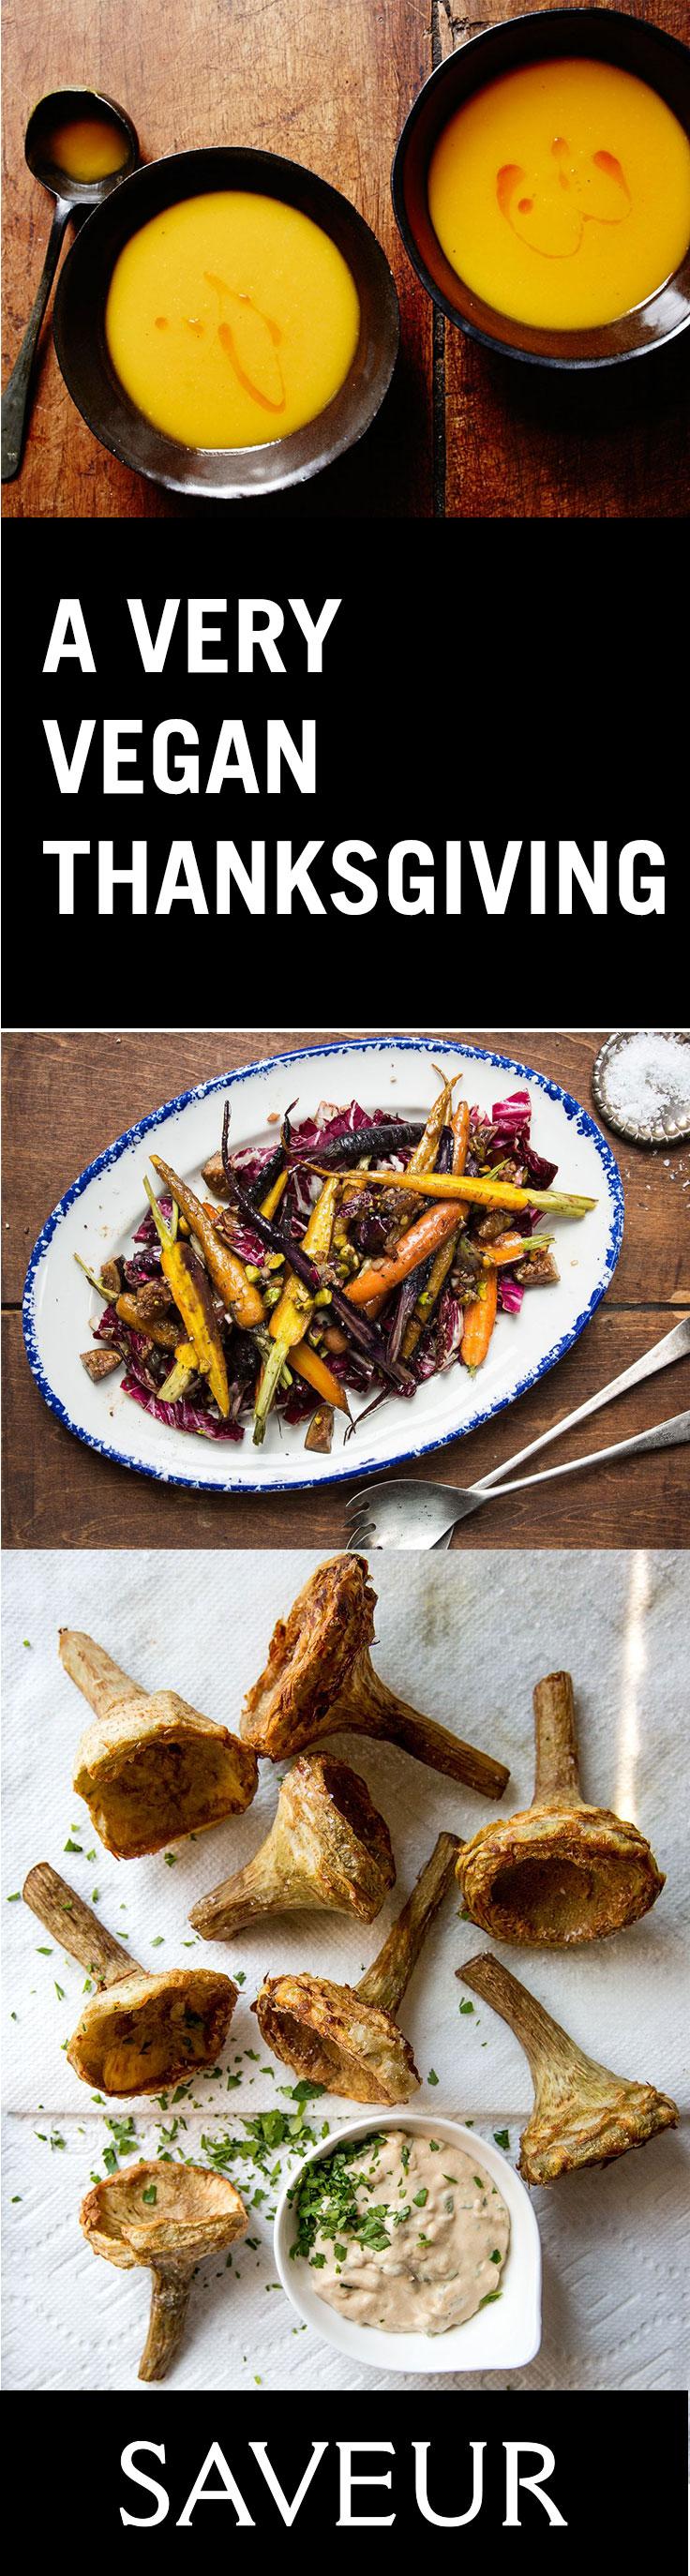 Vegan Thanksgiving Recipes Vegan thanksgiving